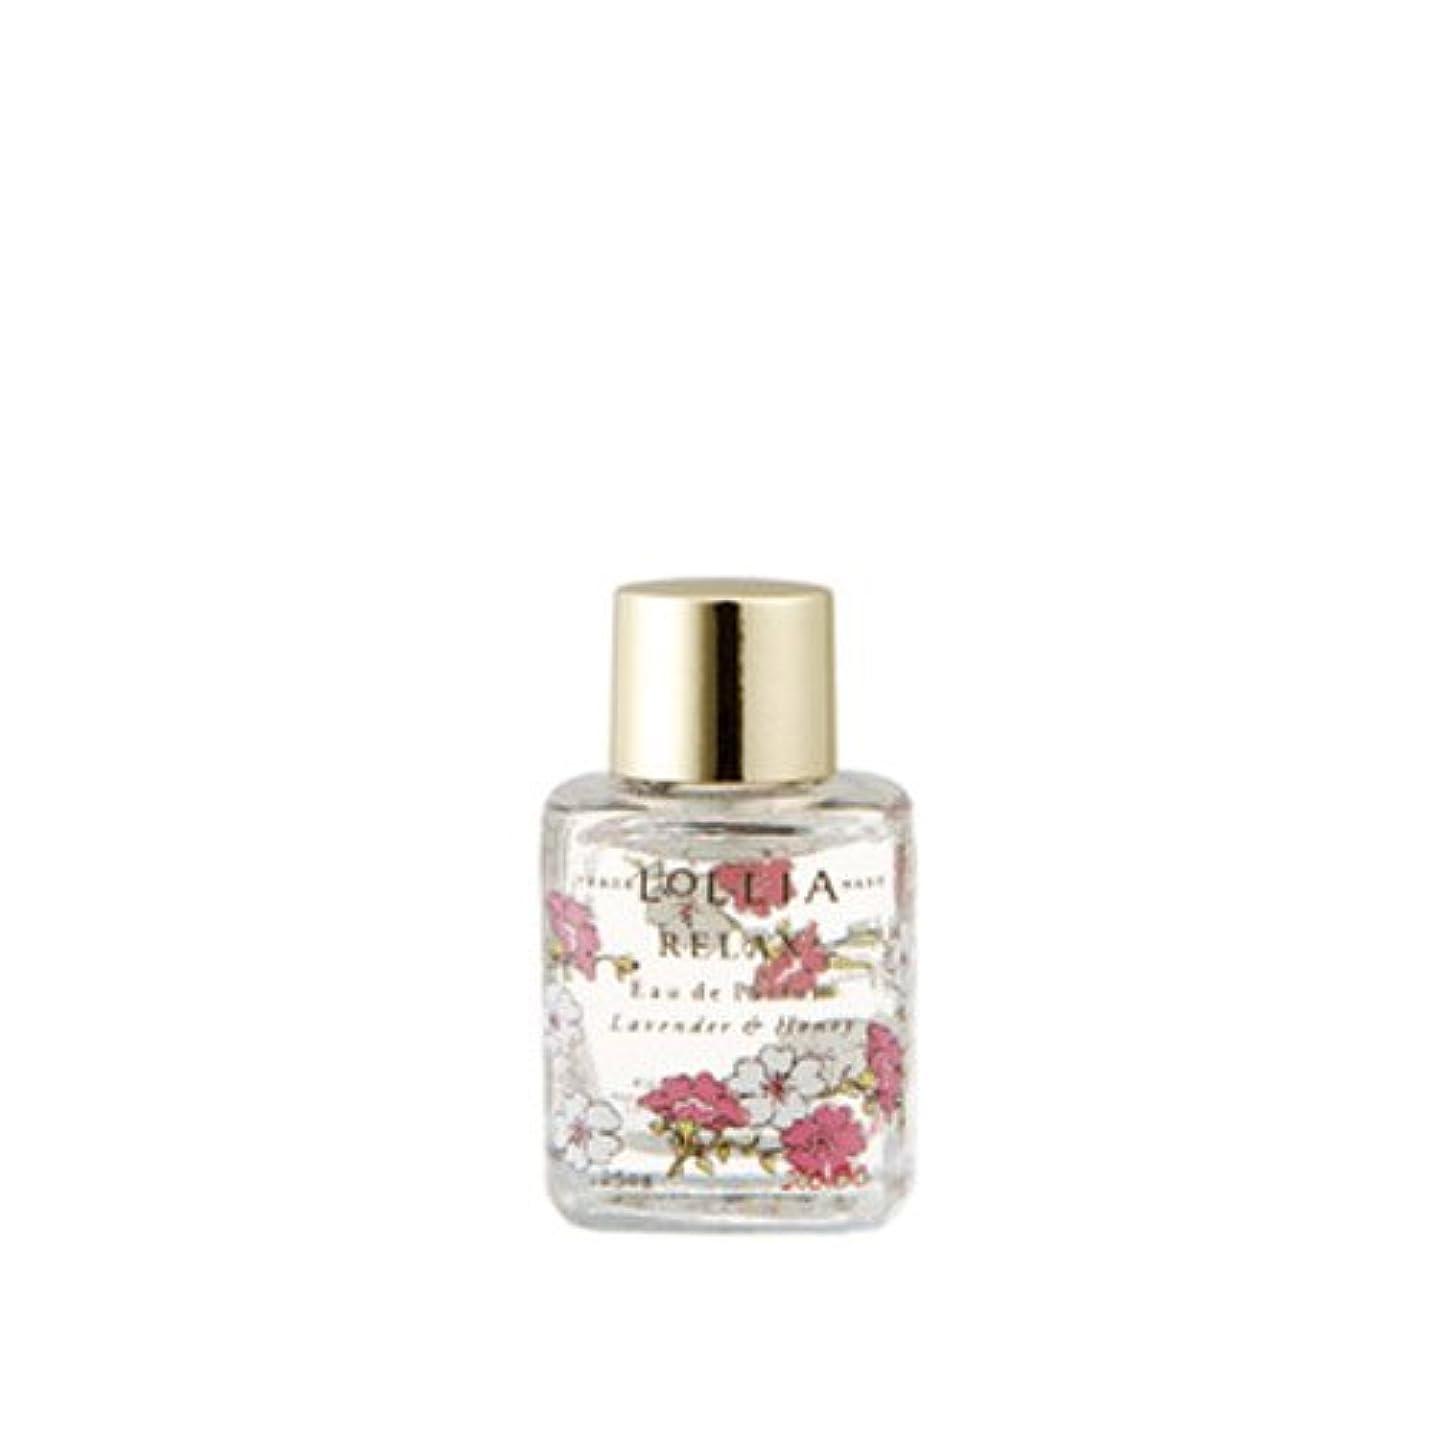 コード許容模索ロリア(LoLLIA) ミニオードパルファム約7ml Relax(香水 ホワイトオーキッド、タヒチアンバニラ、ハチミツ、アンバーの香り)